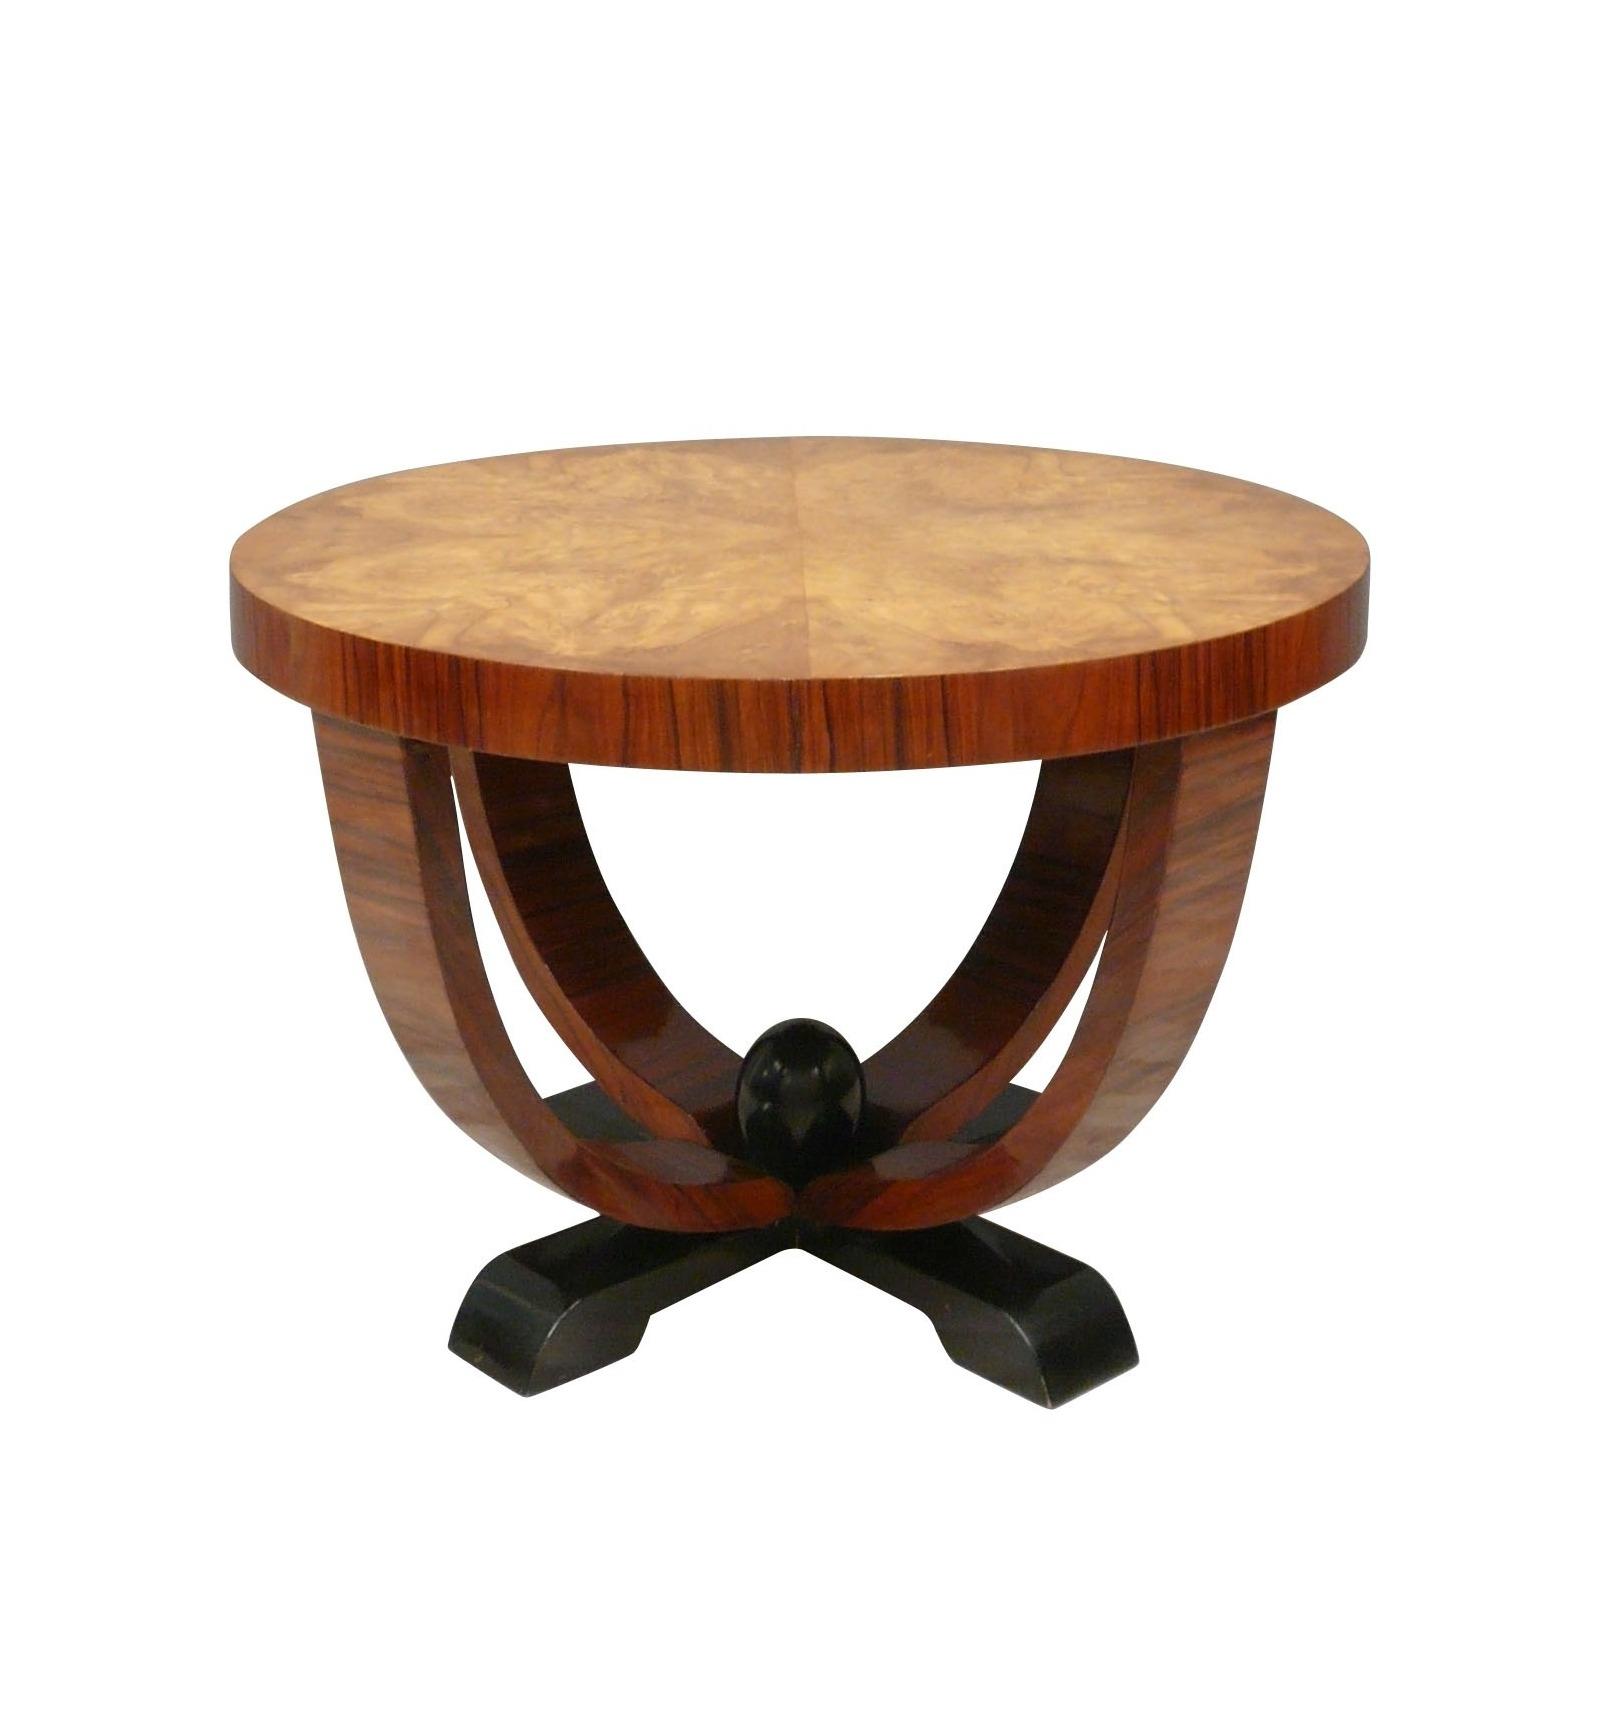 Tavolo Pranzo Art Deco tavolo art deco top da lente d'ingrandimento dell'olmo